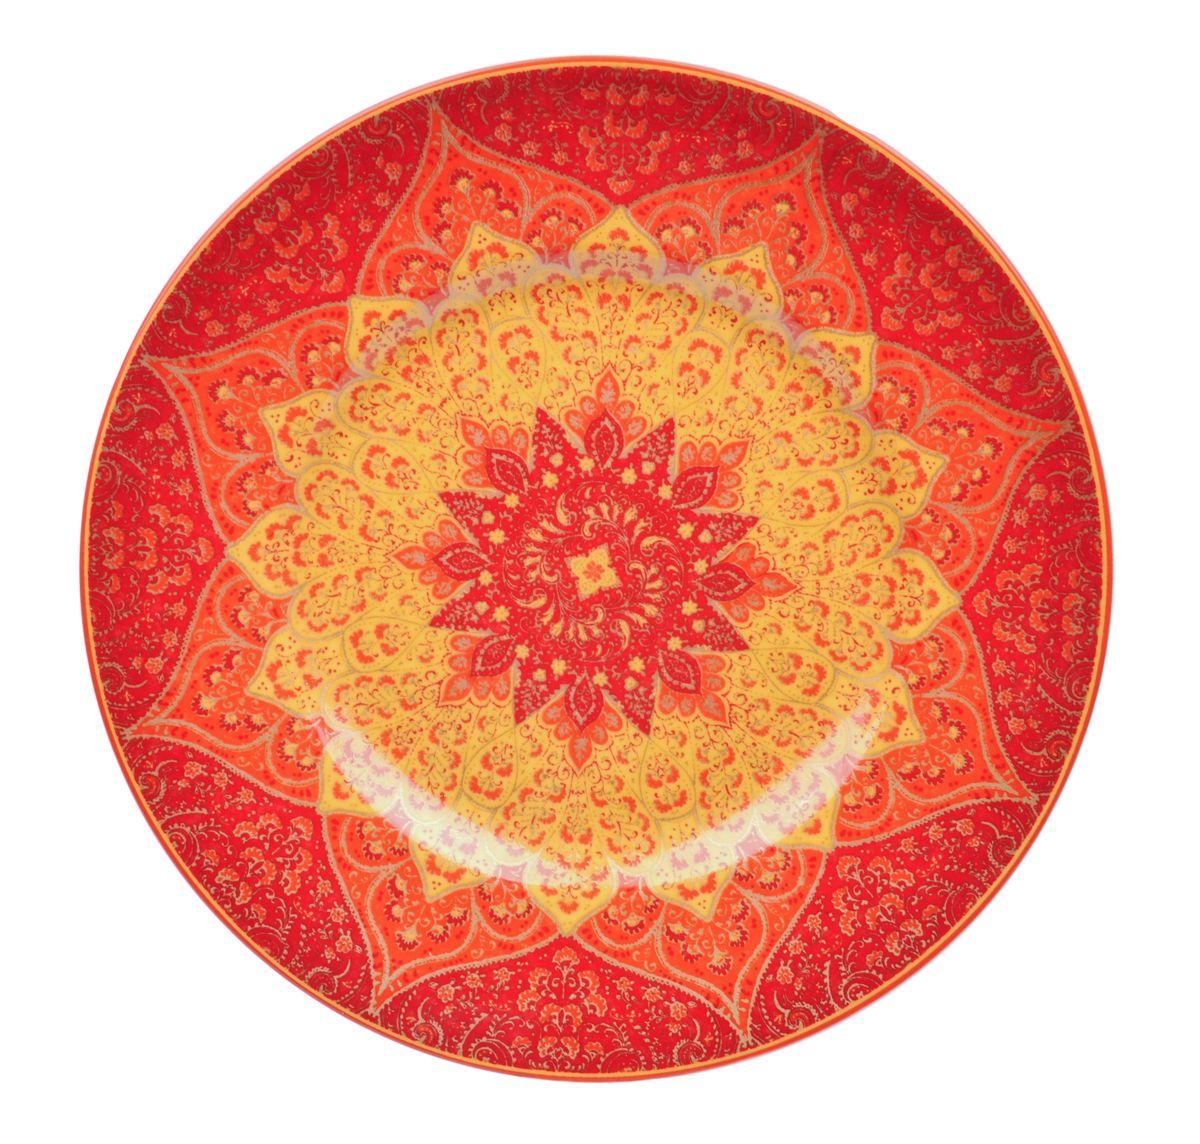 Тарелка обеденная Utana Кашан Рэд, диаметр 27,5 смUTKR94110Тарелка обеденная Utana Кашан Рэд изготовлена из высококачественной керамики. Предназначена для красивой подачи различных блюд. Изделие декорировано ярким рисунком. Такая тарелка украсит сервировку стола и подчеркнет прекрасный вкус хозяйки. Можно мыть в посудомоечной машине и использовать в СВЧ. Диаметр: 27 см. Высота: 3 см.